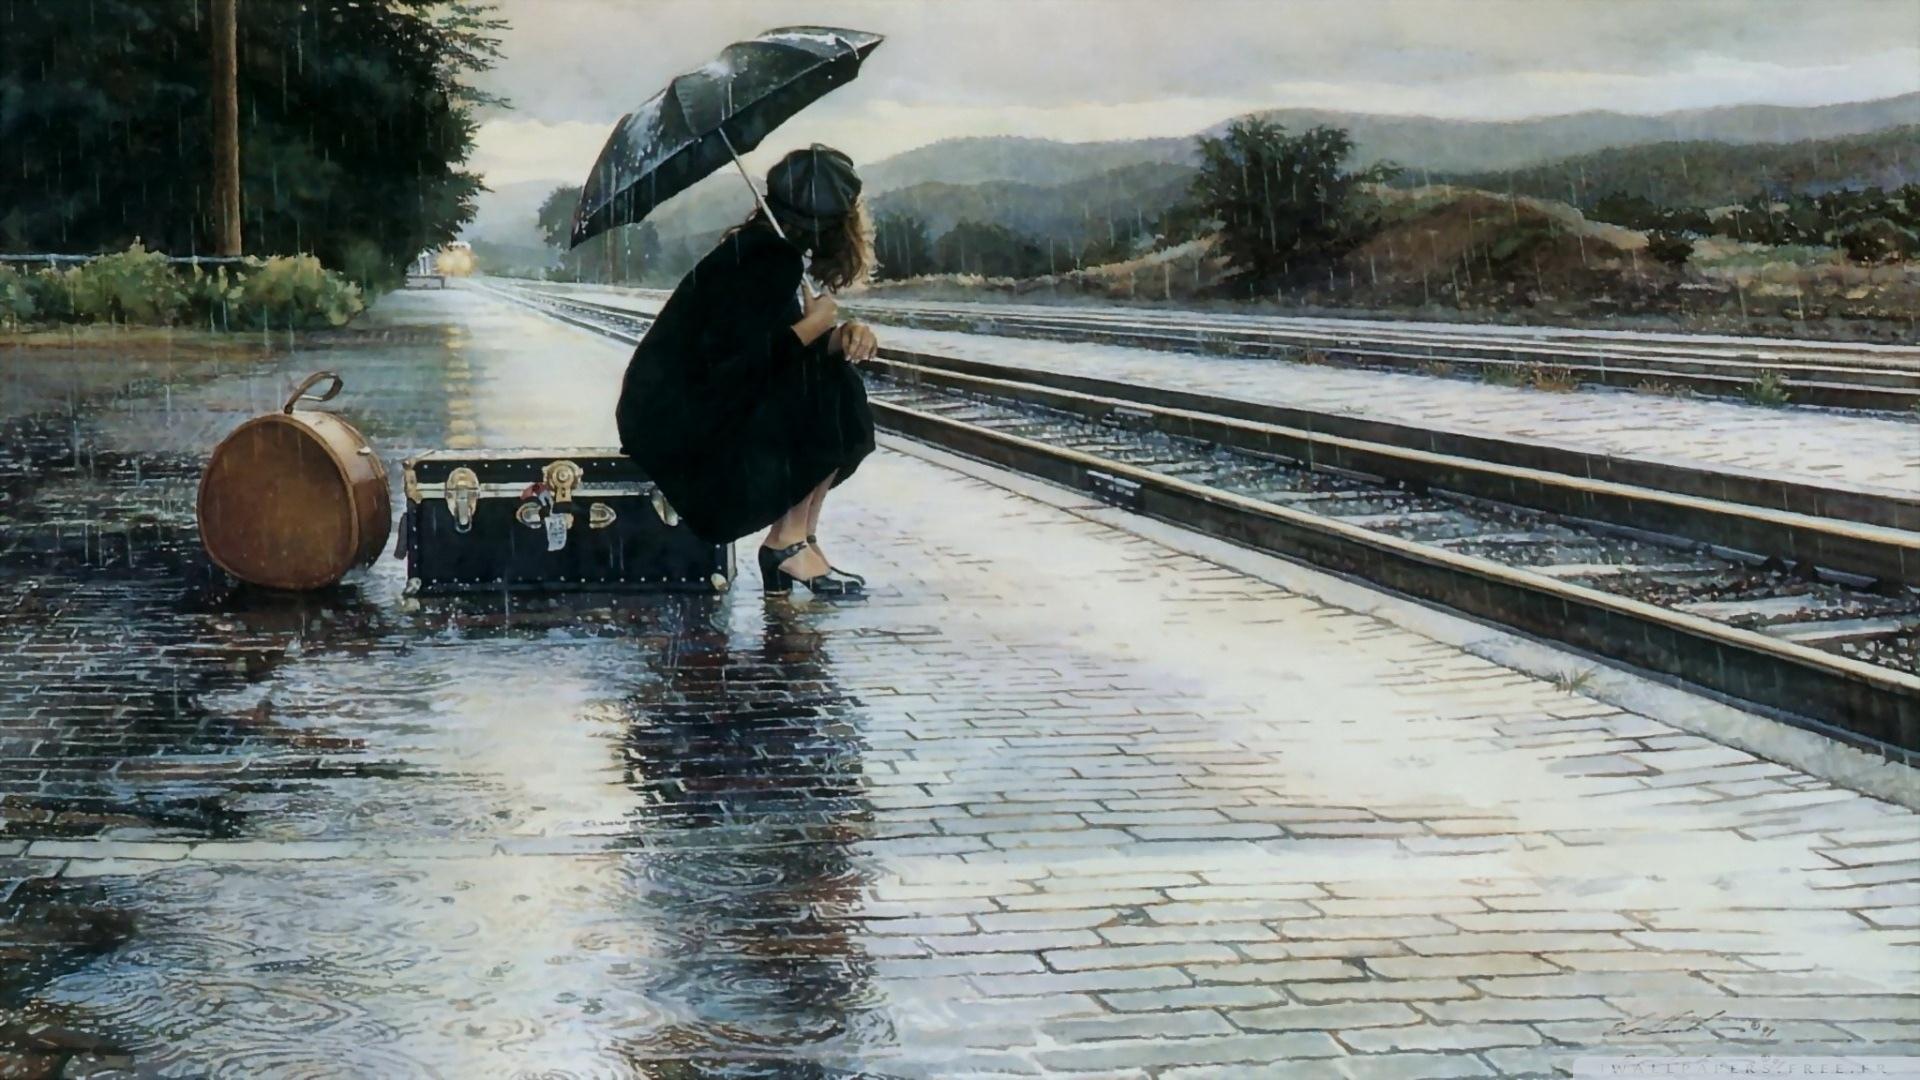 En_attendant_le_train.jpg